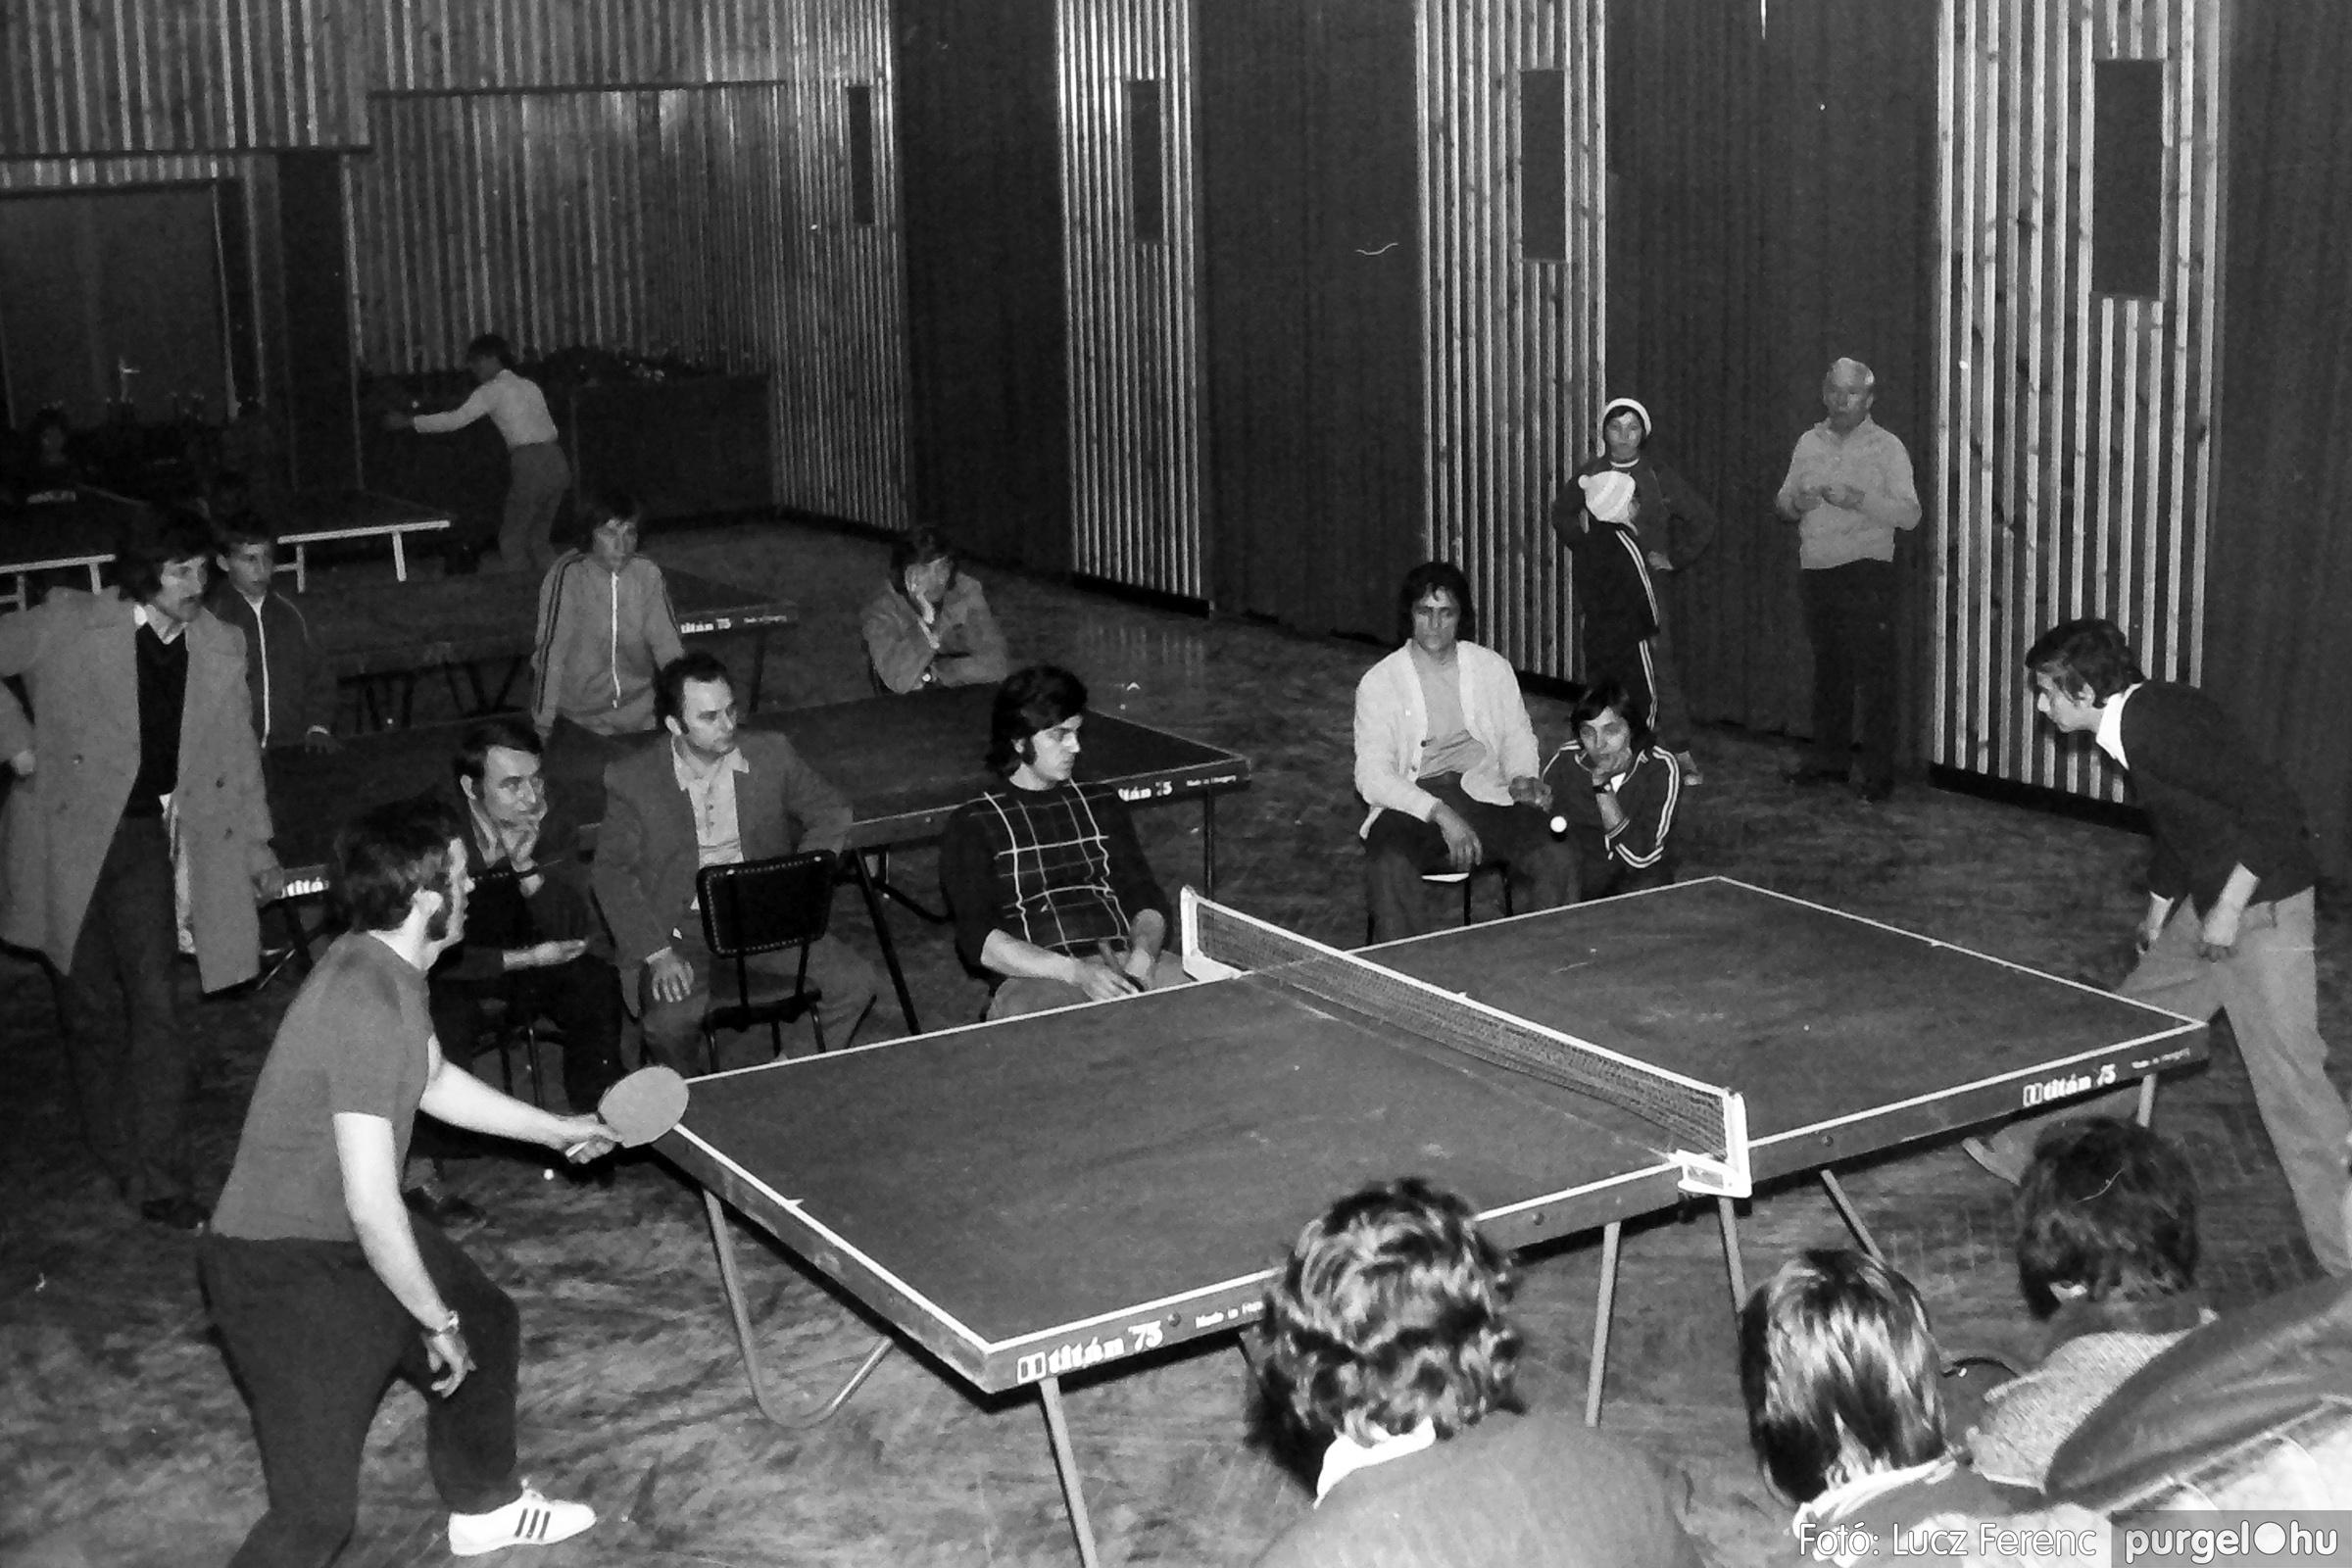 073. 1977. Asztaltenisz verseny 016. - Fotó: Lucz Ferenc.jpg